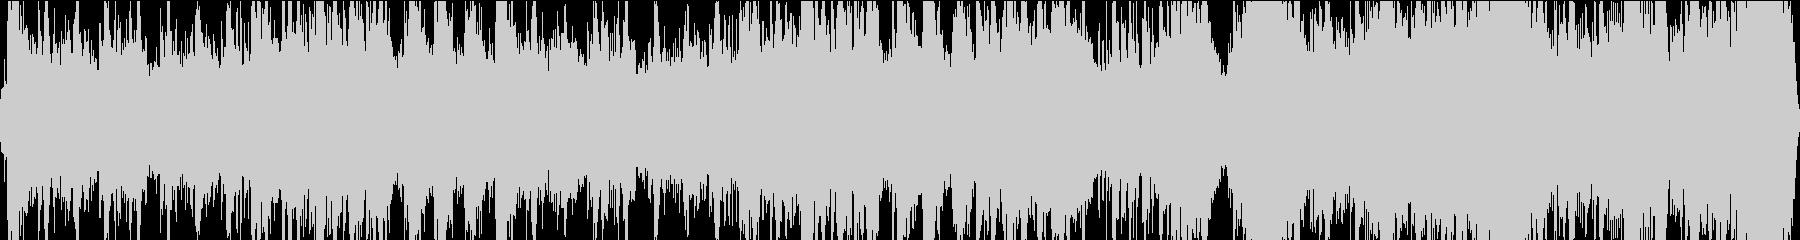 中華風の優雅なBGM ドラム無し・ループの未再生の波形